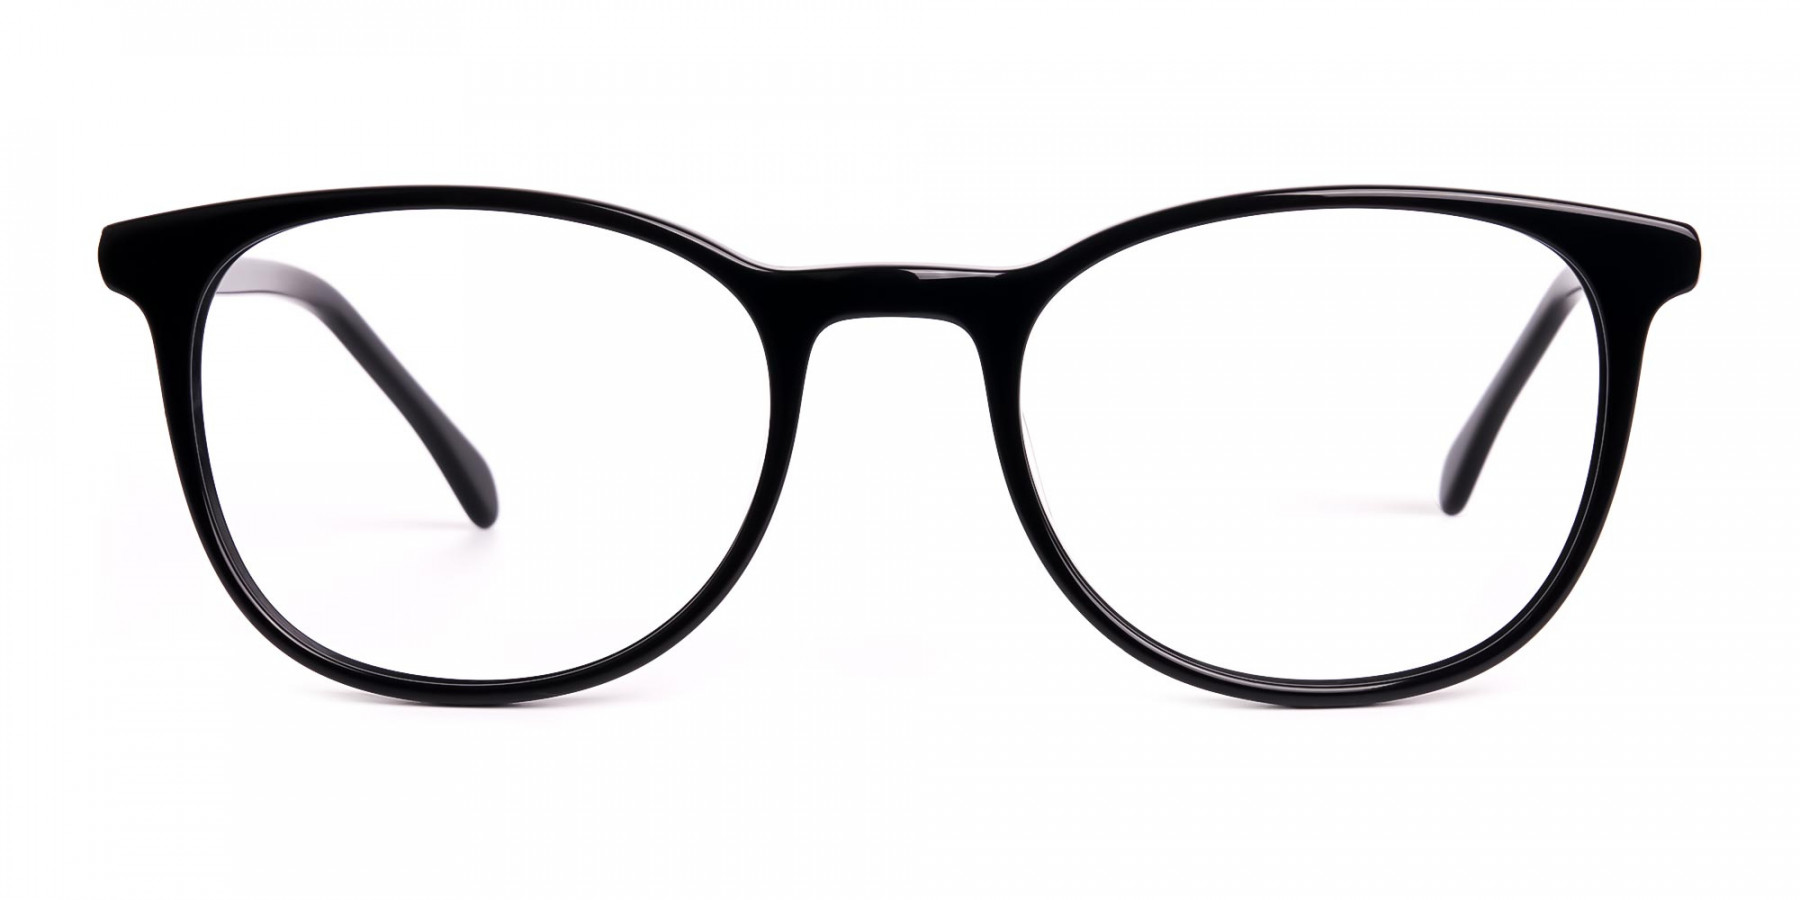 Black-Full-Rim-Round-Glasses-Frames-1